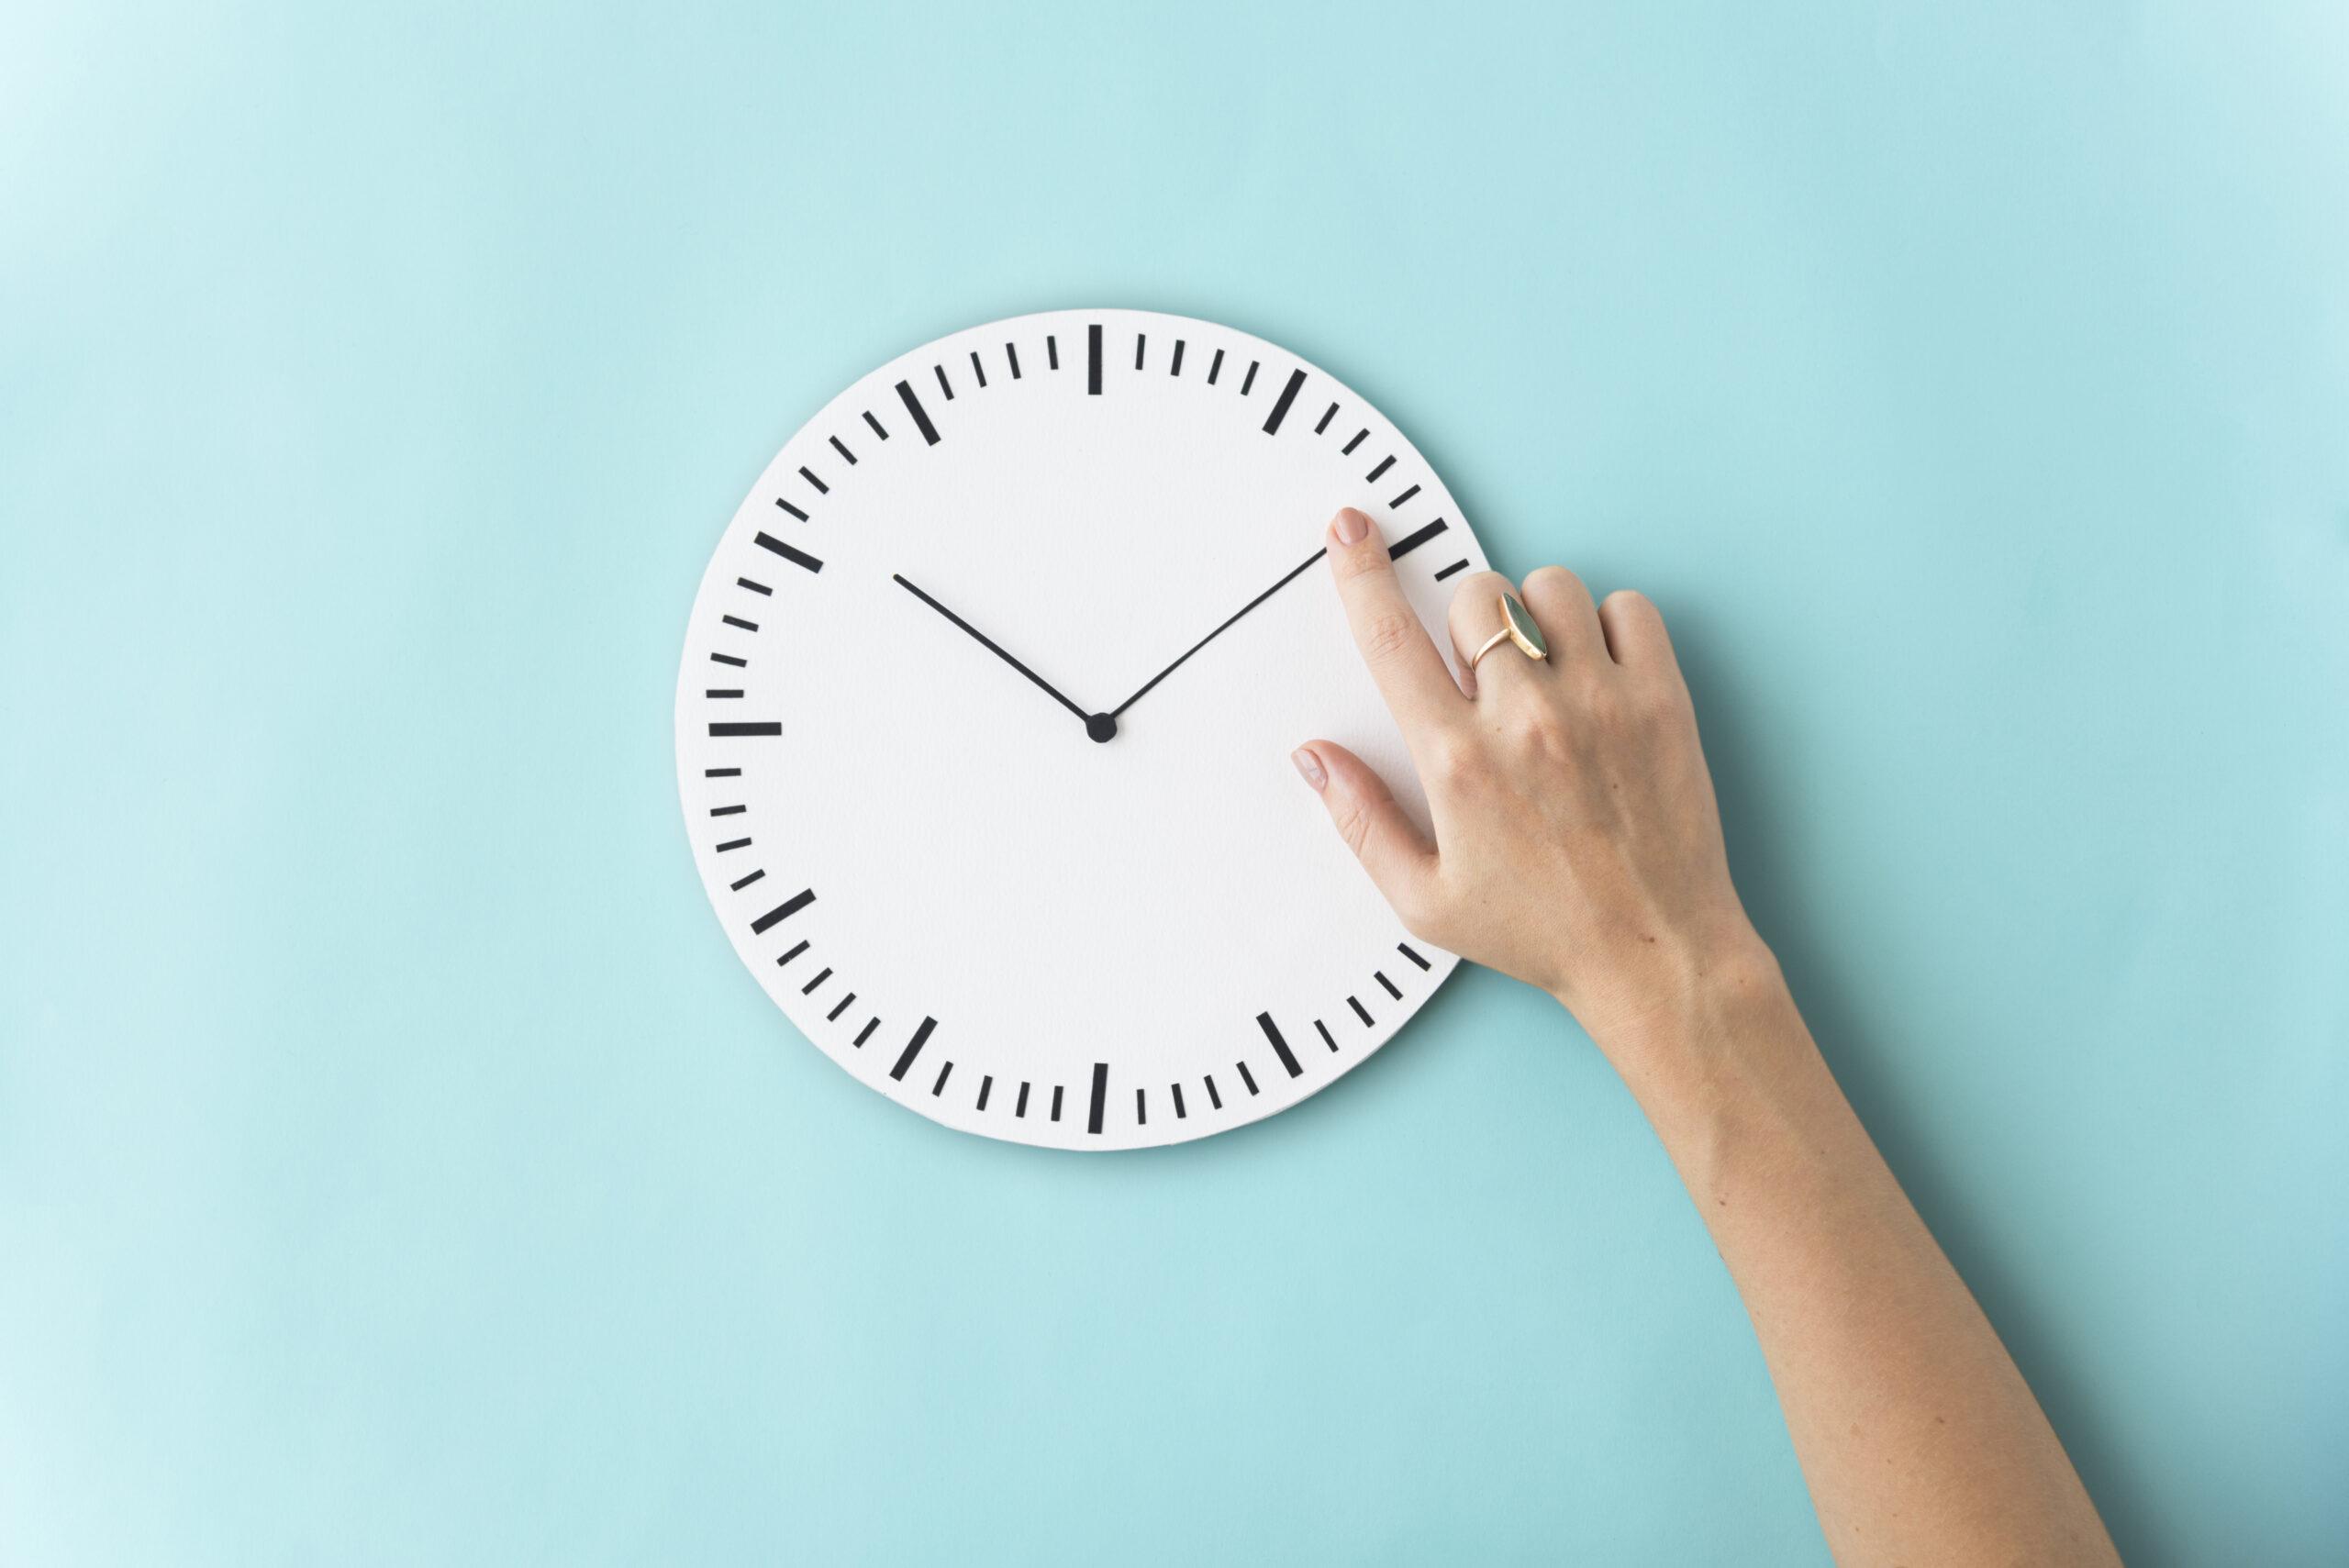 食べる回数、量、時間に気をつける